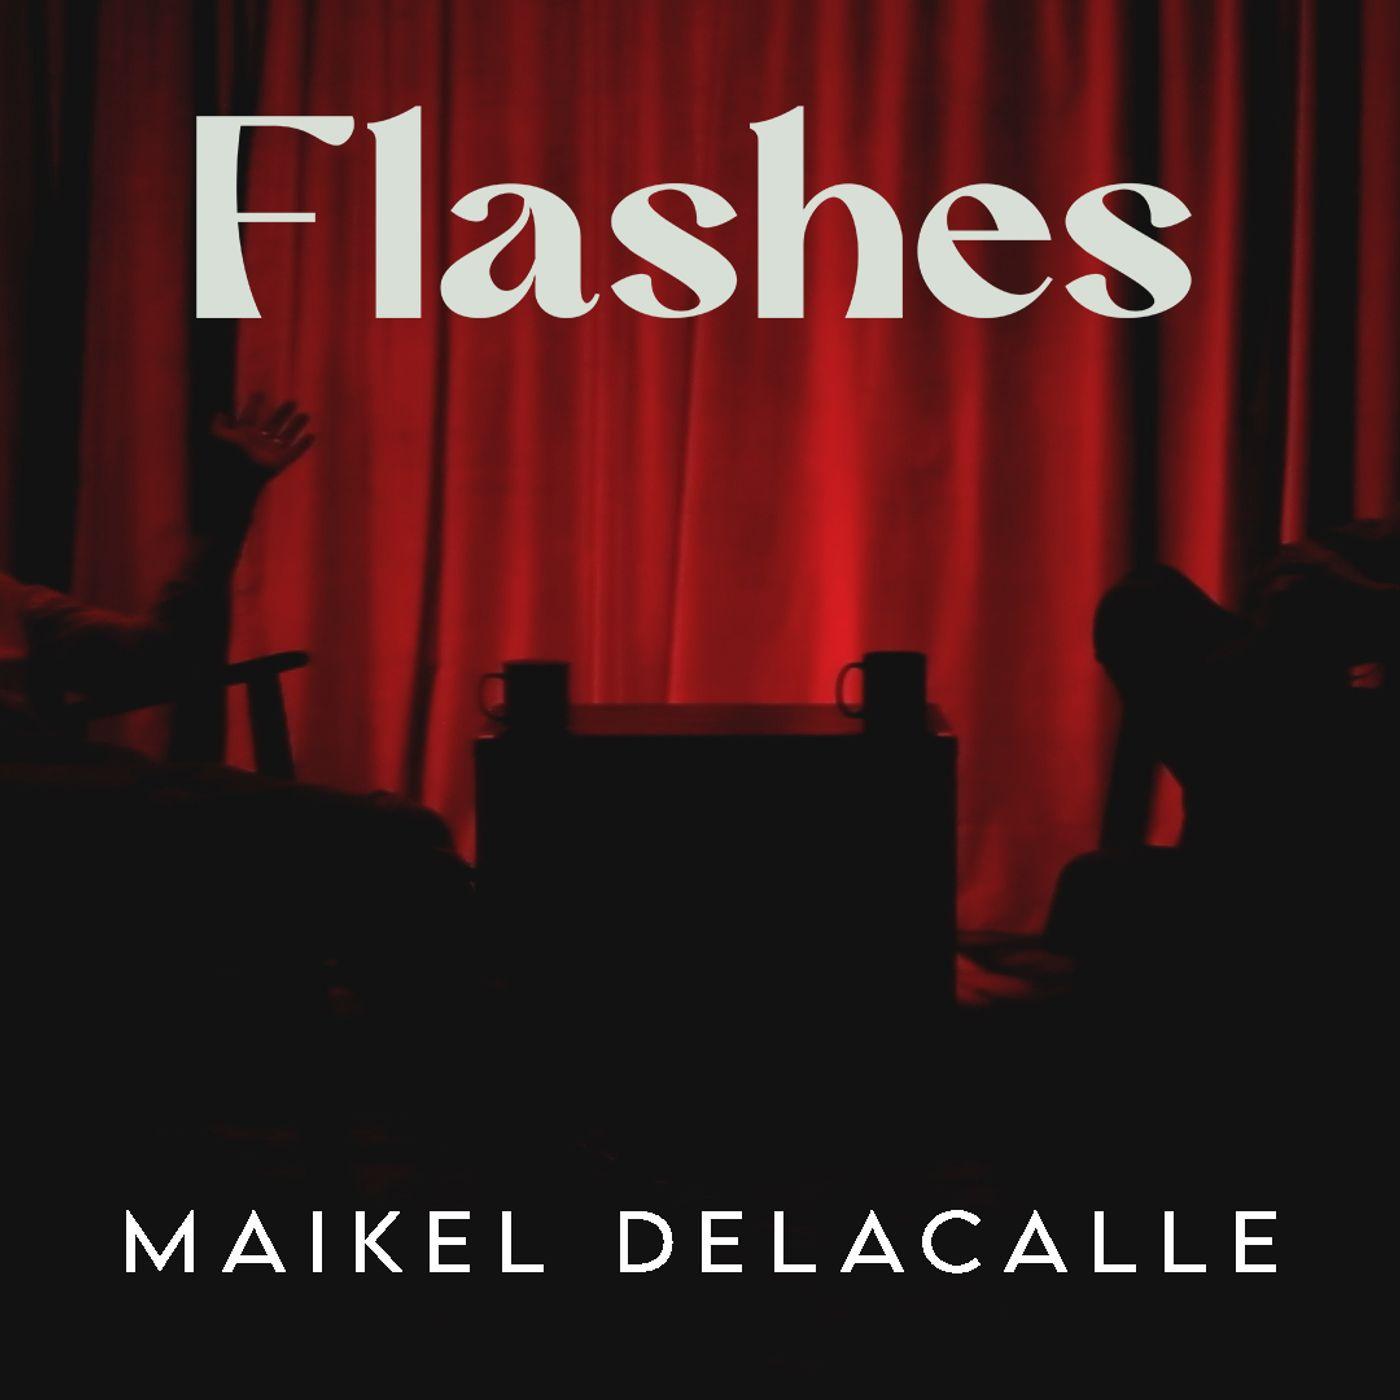 2x07 Maikel Delacalle: 'Una pregunta' ft Guaynaa, un freestyle exclusivo y más